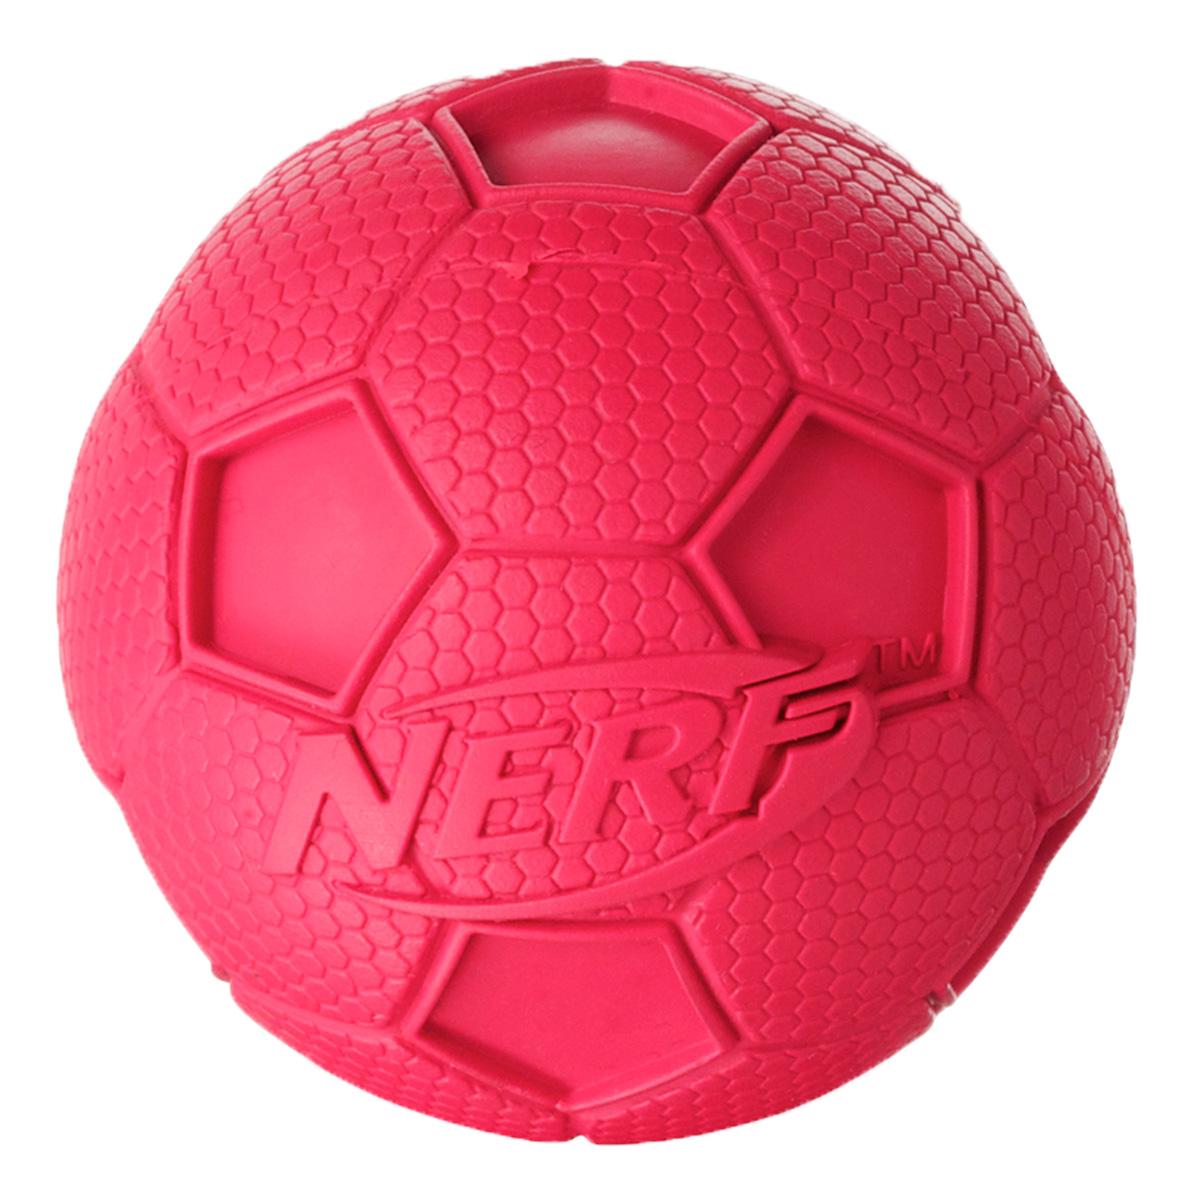 Игрушка для собак Nerf Мяч футбольный, пищащий, 6 см22187Мяч из сверхпрочной резины! Оптимален для игры с собакой дома и на свежем воздухе! Подходит собакам с самой мощной челюстью! Высококачественные прочные материалы, из которых изготовлена игрушка, обеспечивают долговечность использования! Звук мяча дополнительно увлекает собаку игрой! Яркие привлекательные цвета! Игрушки Nerf Dog представлены в различных сериях в зависимости от рисунка, фактуры и материала, из которого они изготовлены (резина, ТПР, нейлон, пластик, каучук). Размер: 6 см, S.